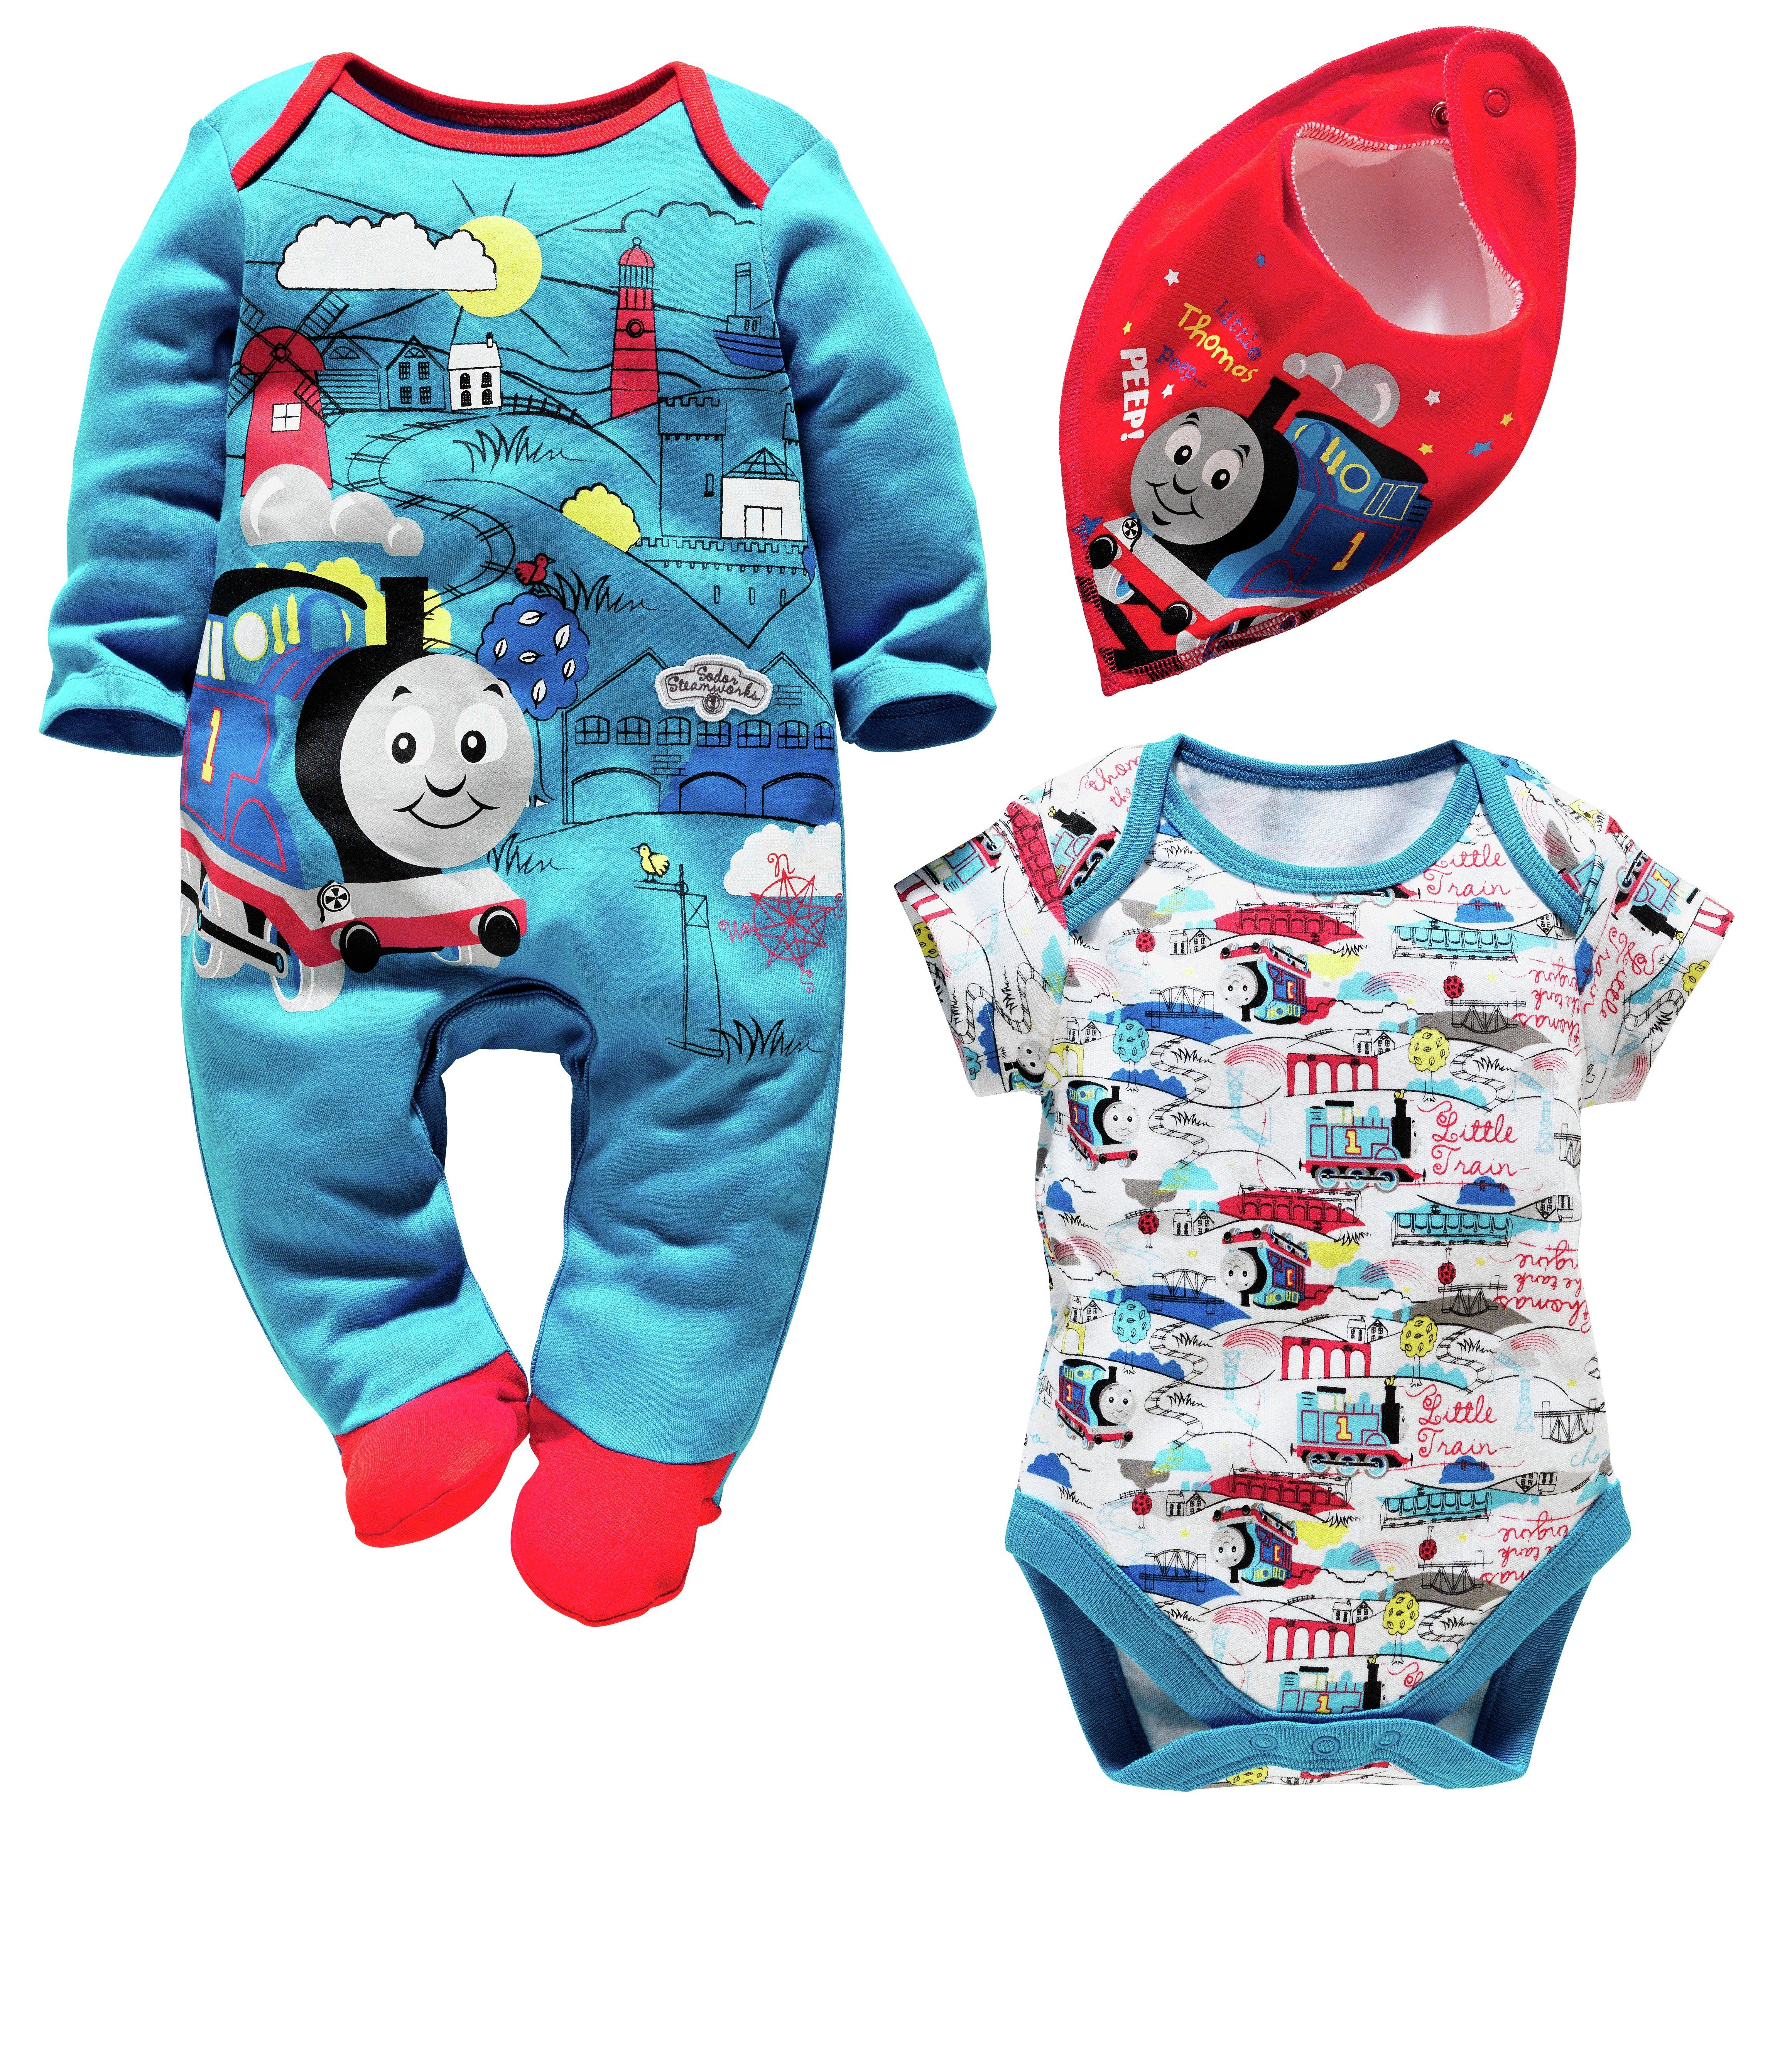 Baby Thomas Gift Set - 0-3 Months